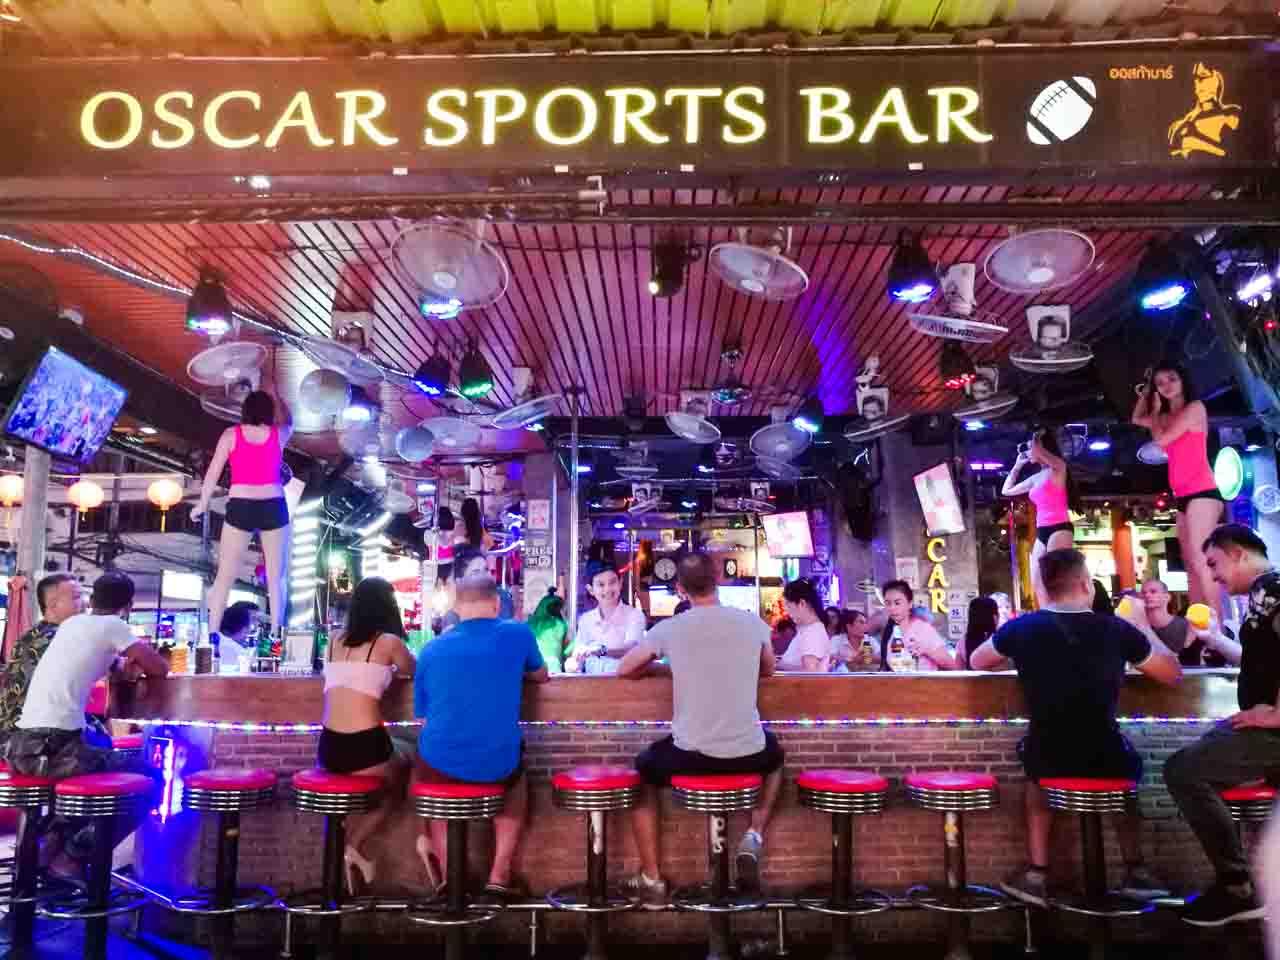 Típico bar na Tailândia que oferece danças e, se requisitado, prostituição.